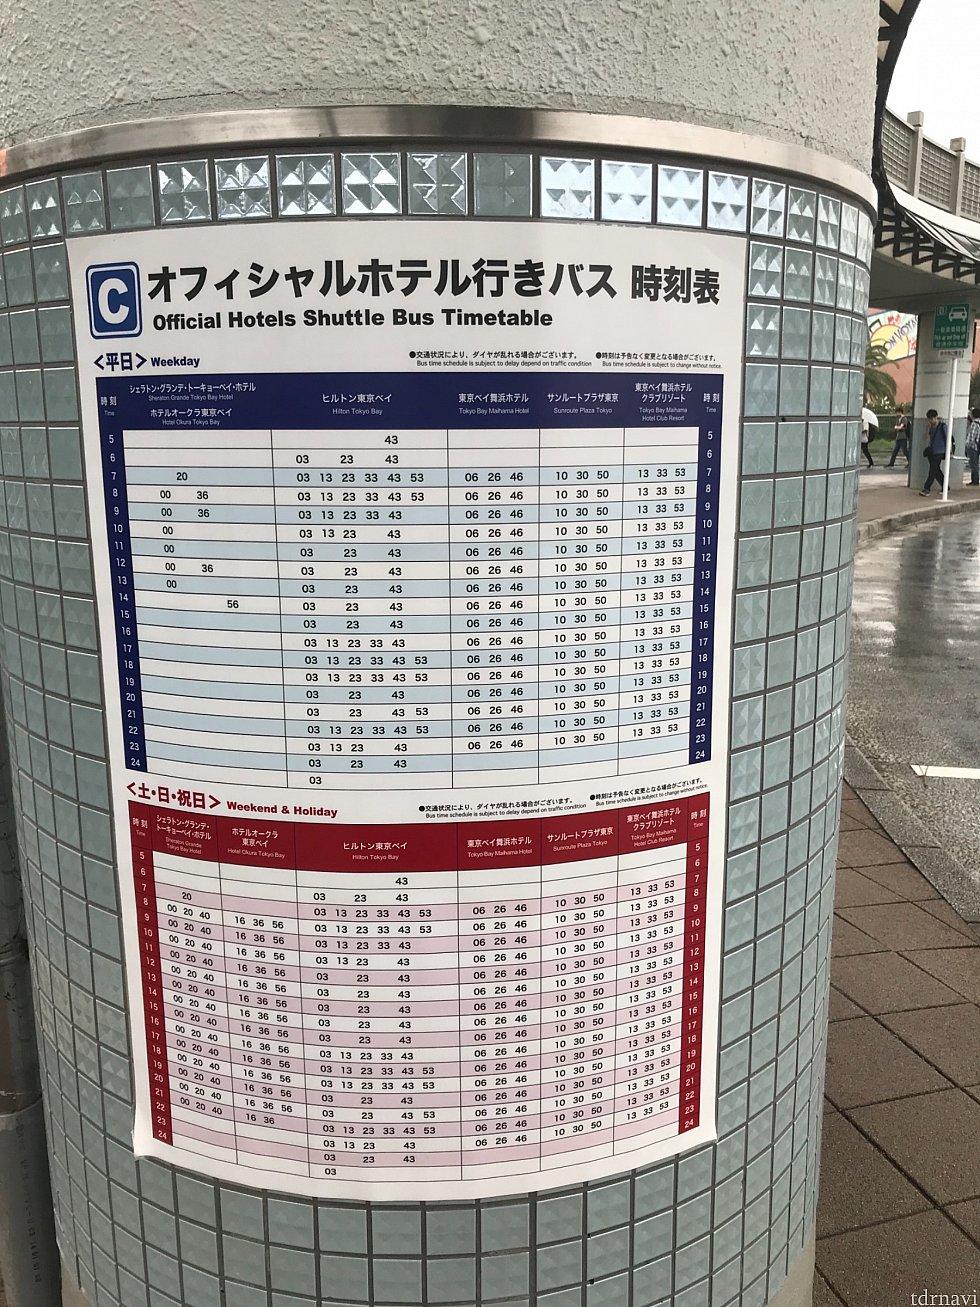 舞浜駅から無料シャトルバス時刻表です。 ヒルトンがダントツでバスの運行が一番多いです!